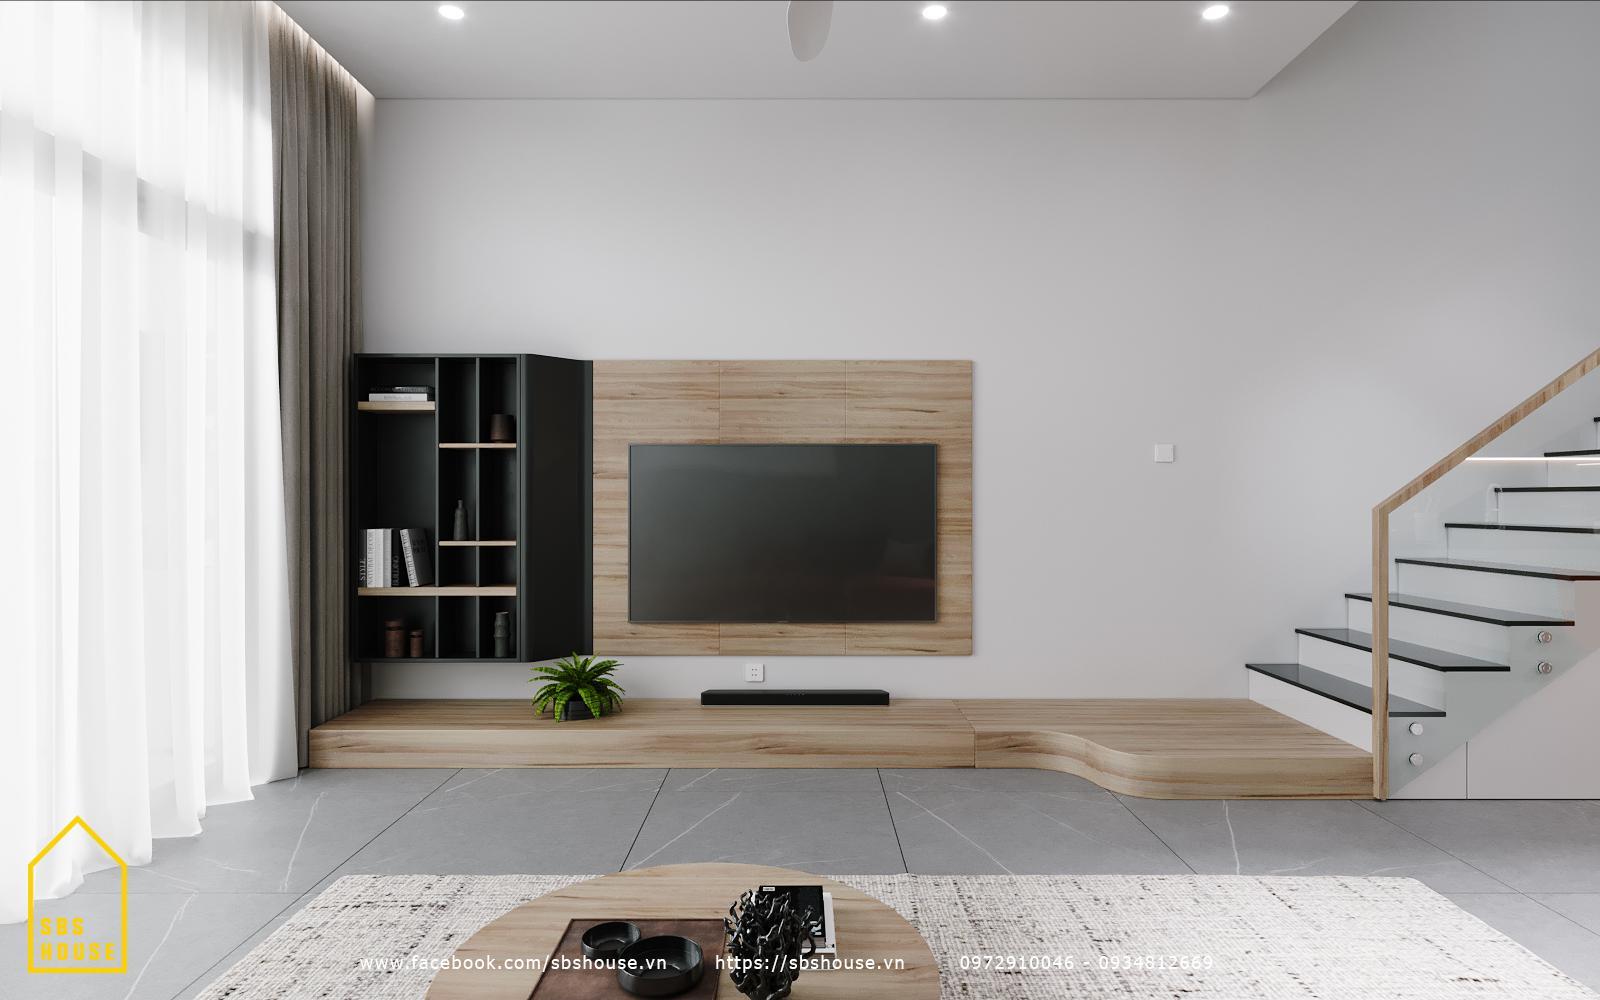 kệ tivi đơn giản hiện đại